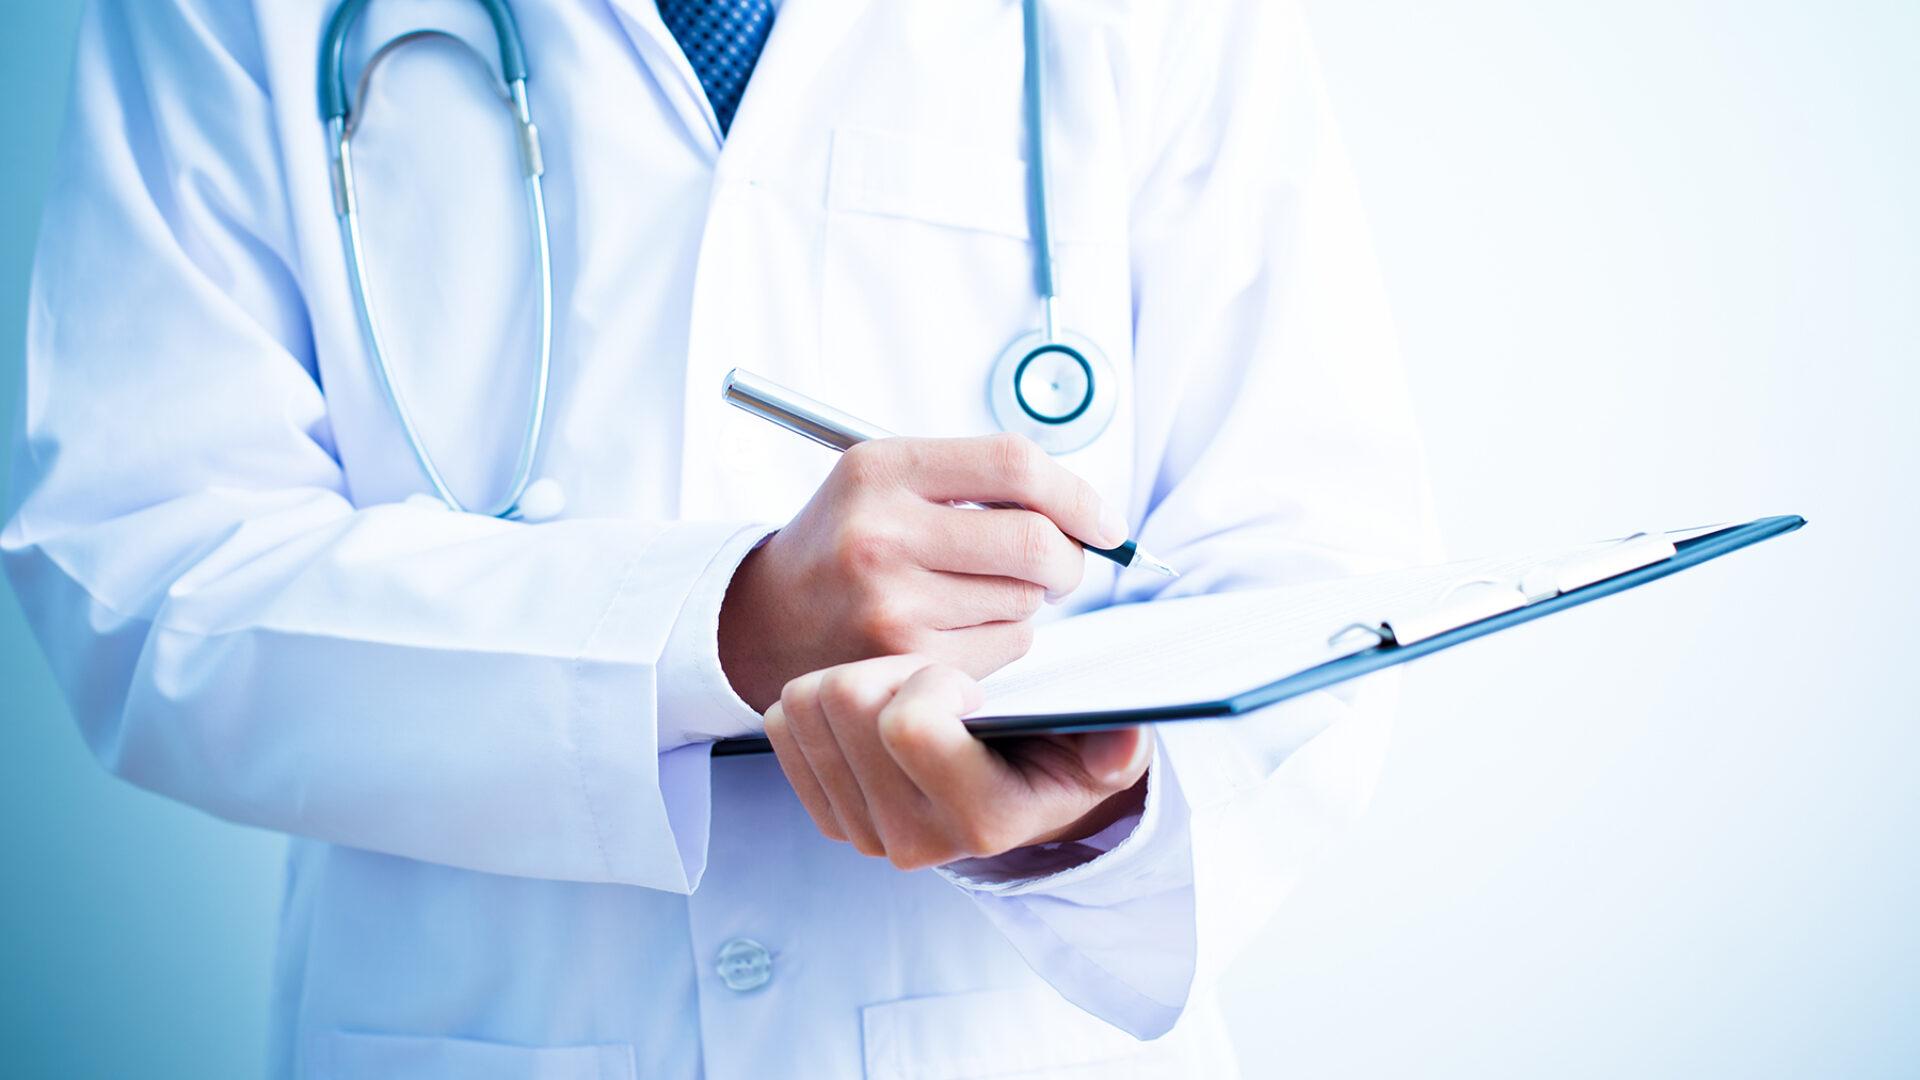 Γιατροί οδοντίατροι μέτρα: Εφάπαξ οικονομική ενίσχυση λόγω πανδημίας